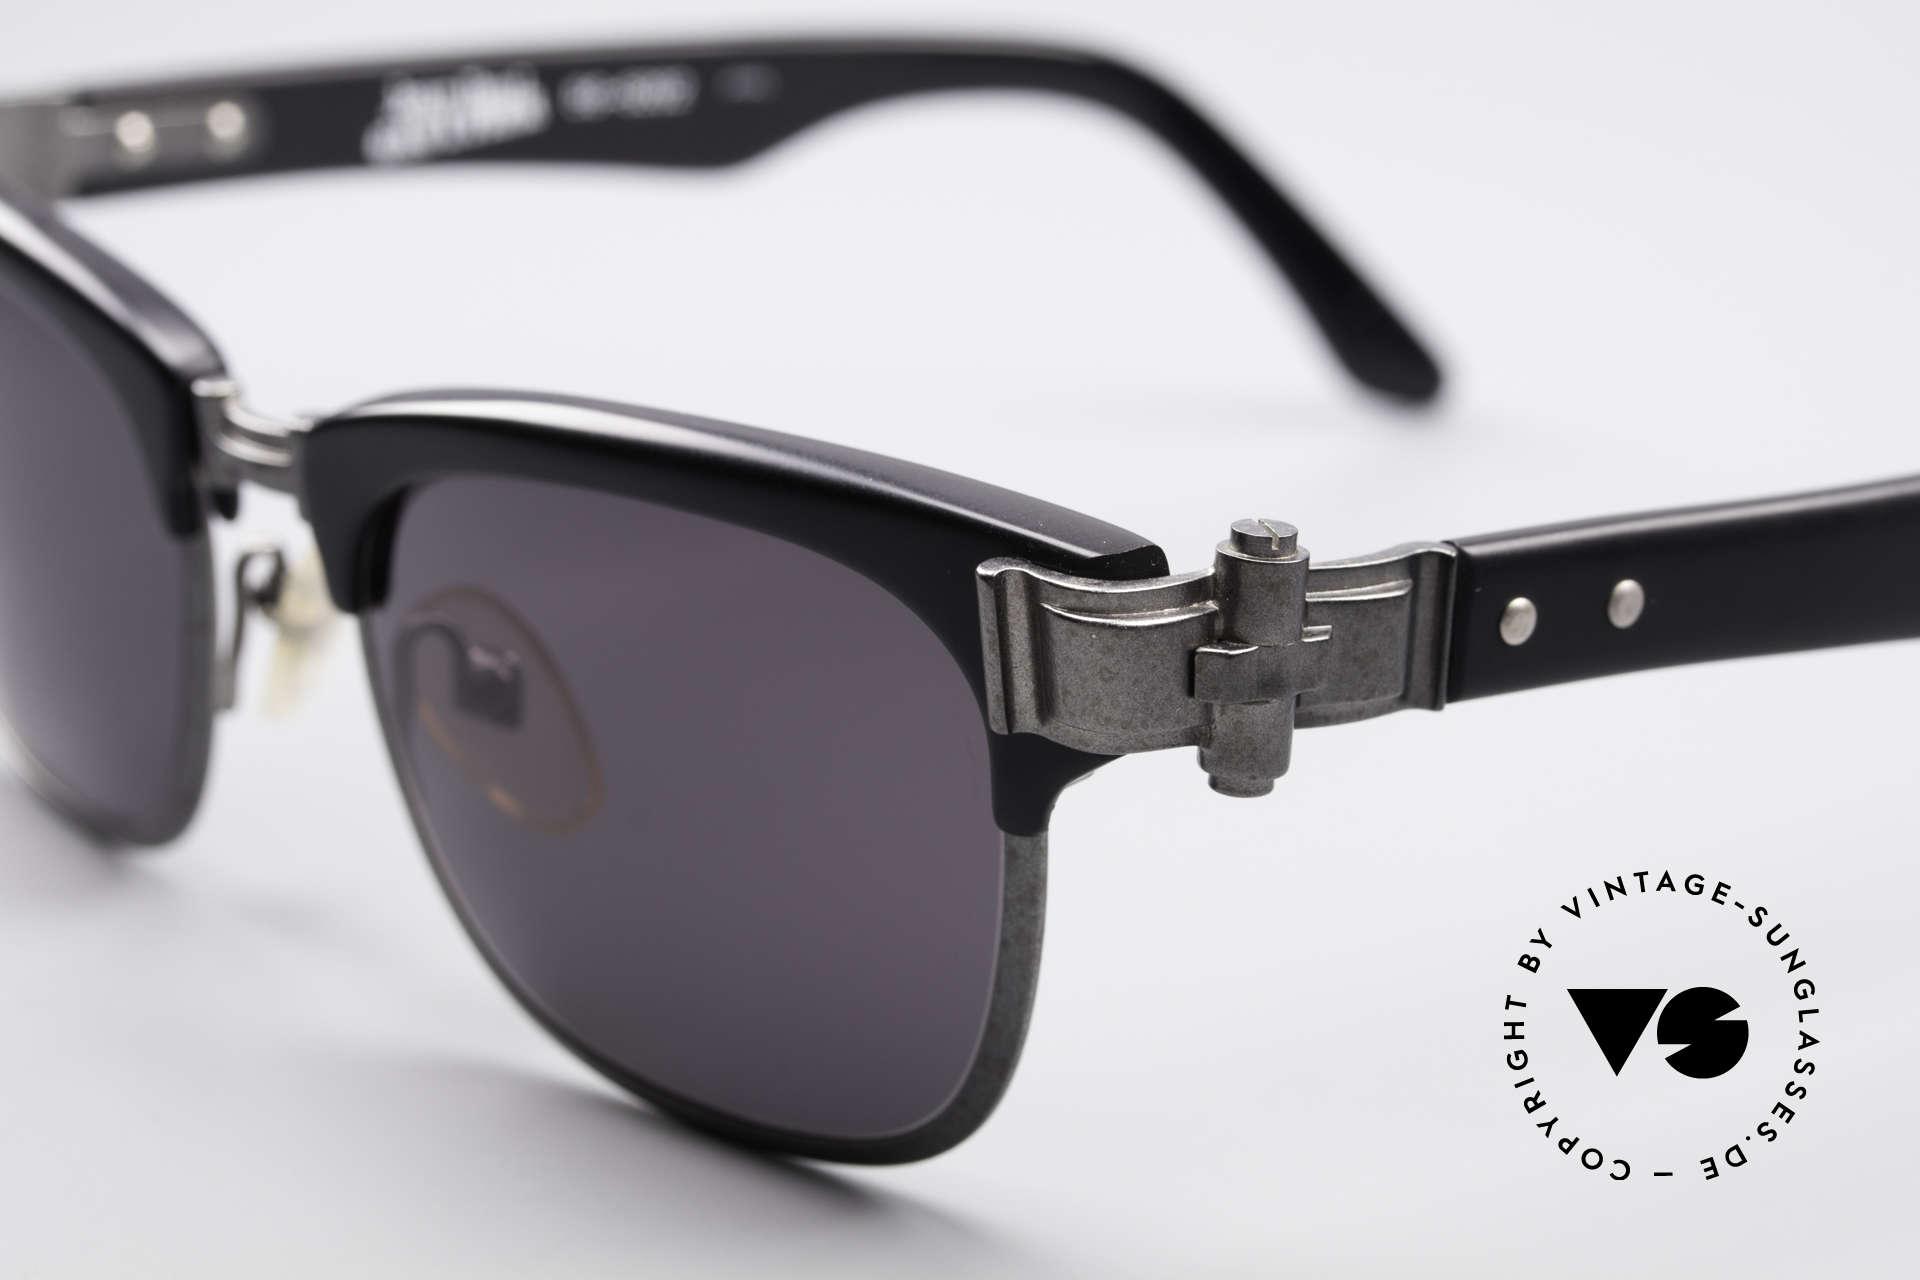 Jean Paul Gaultier 56-5202 90er Designer Sonnenbrille, ungetragen (wie alle unsere vintage J.P.G. Brillen), Passend für Herren und Damen